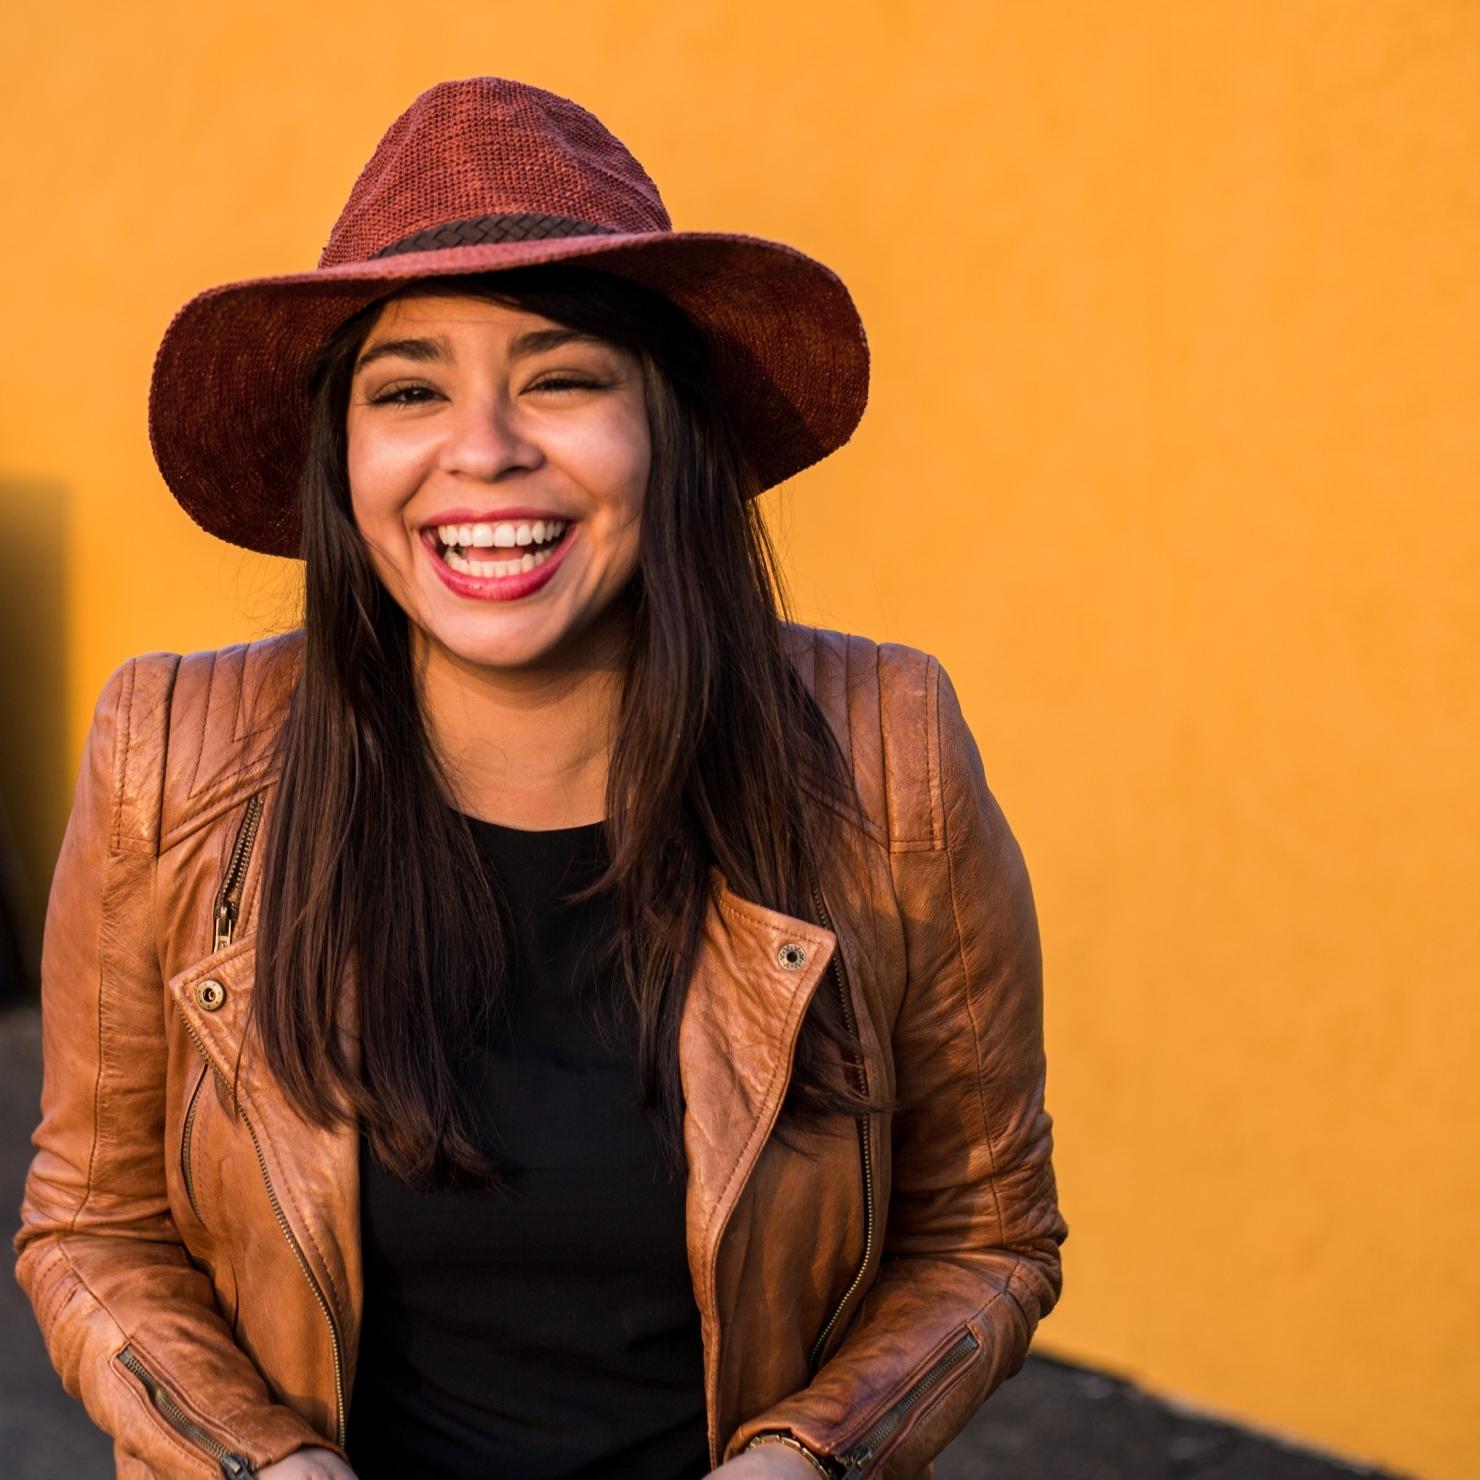 Vanessa Laughing